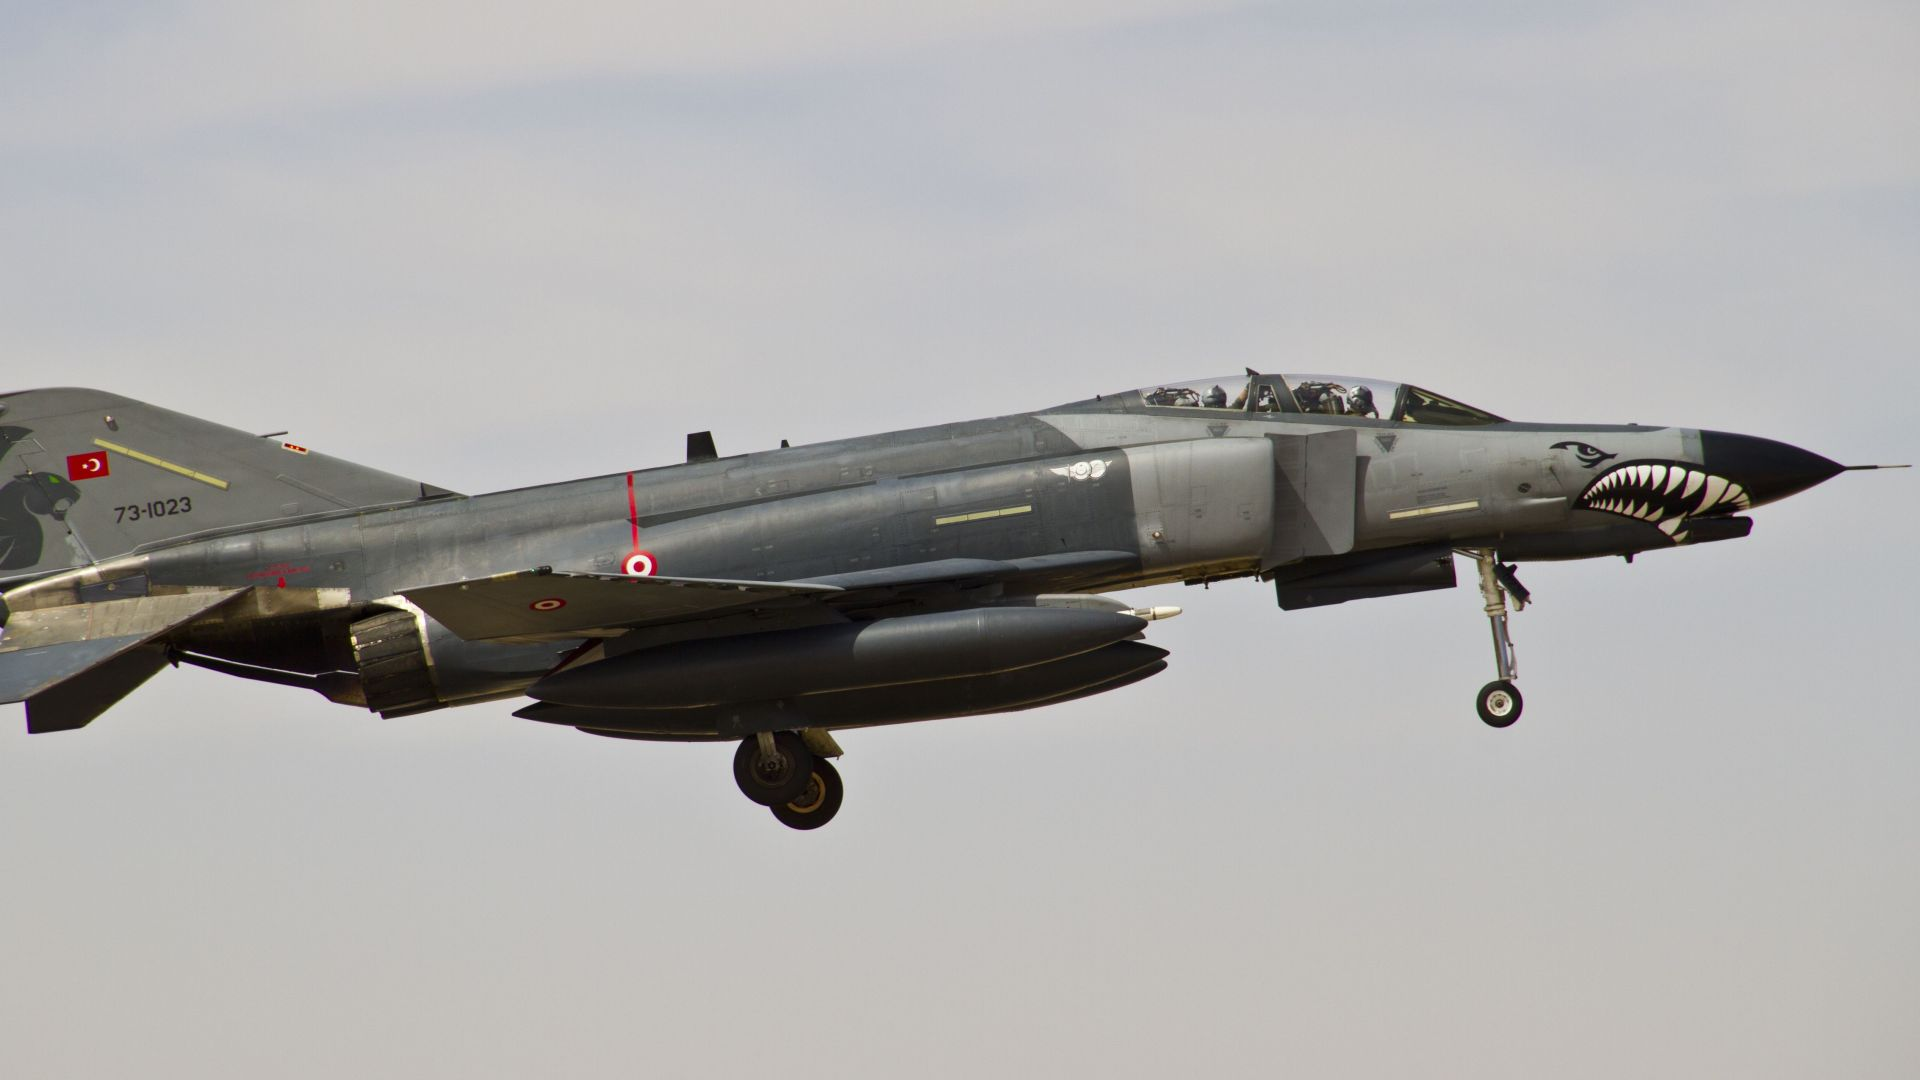 Турски бойни самолети са влезли в Гърция